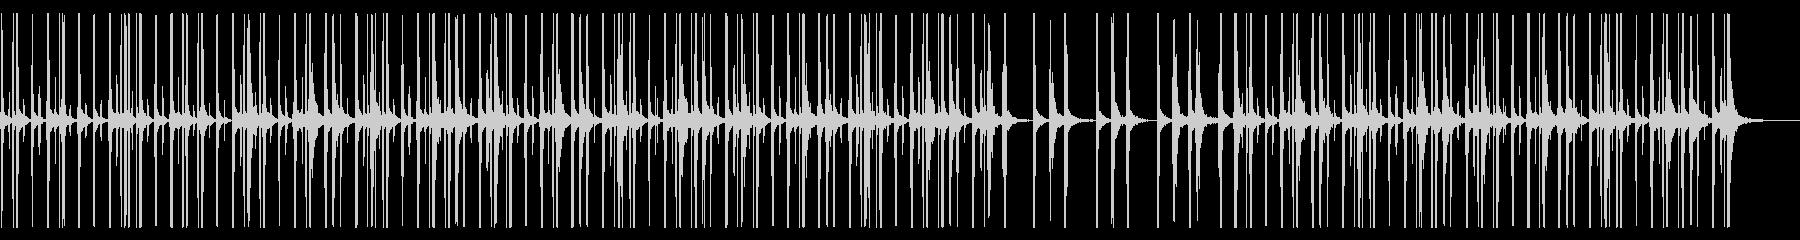 モダンで洗練されたストンプ CMなどにの未再生の波形